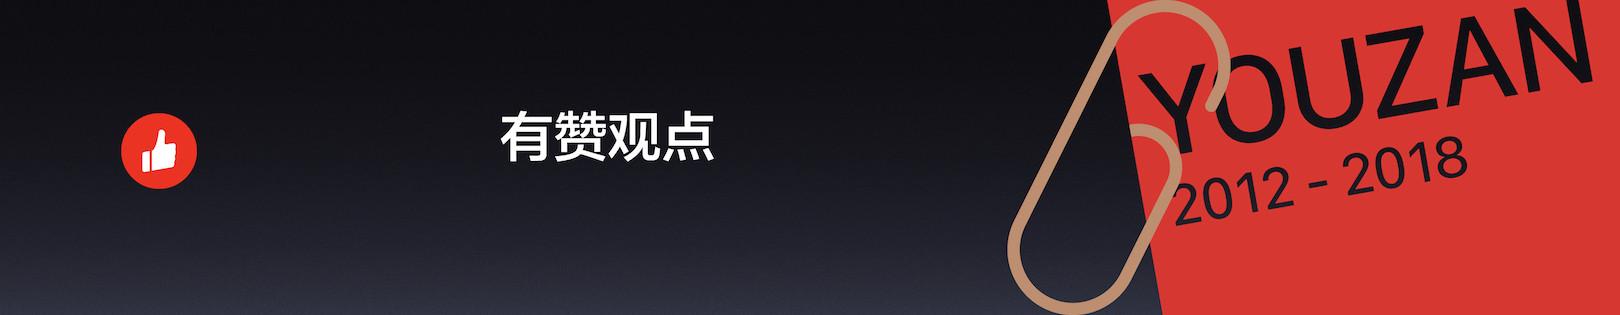 20181127 有赞六周年 - 公开版.012.jpeg